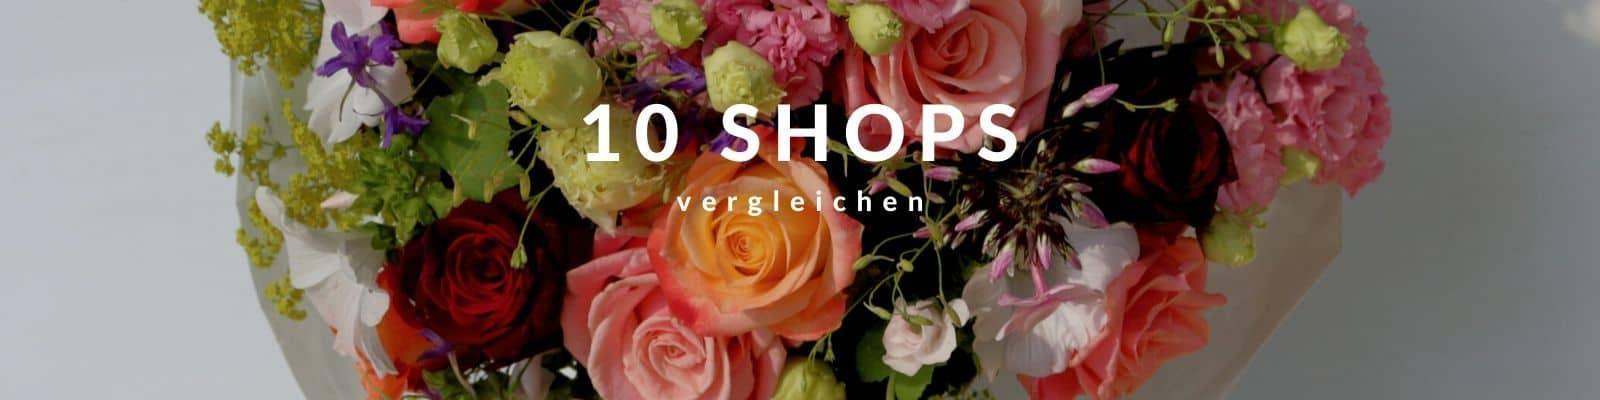 Blumen-Express-Blumenversand-in Österreich - Blumen heute verschicken